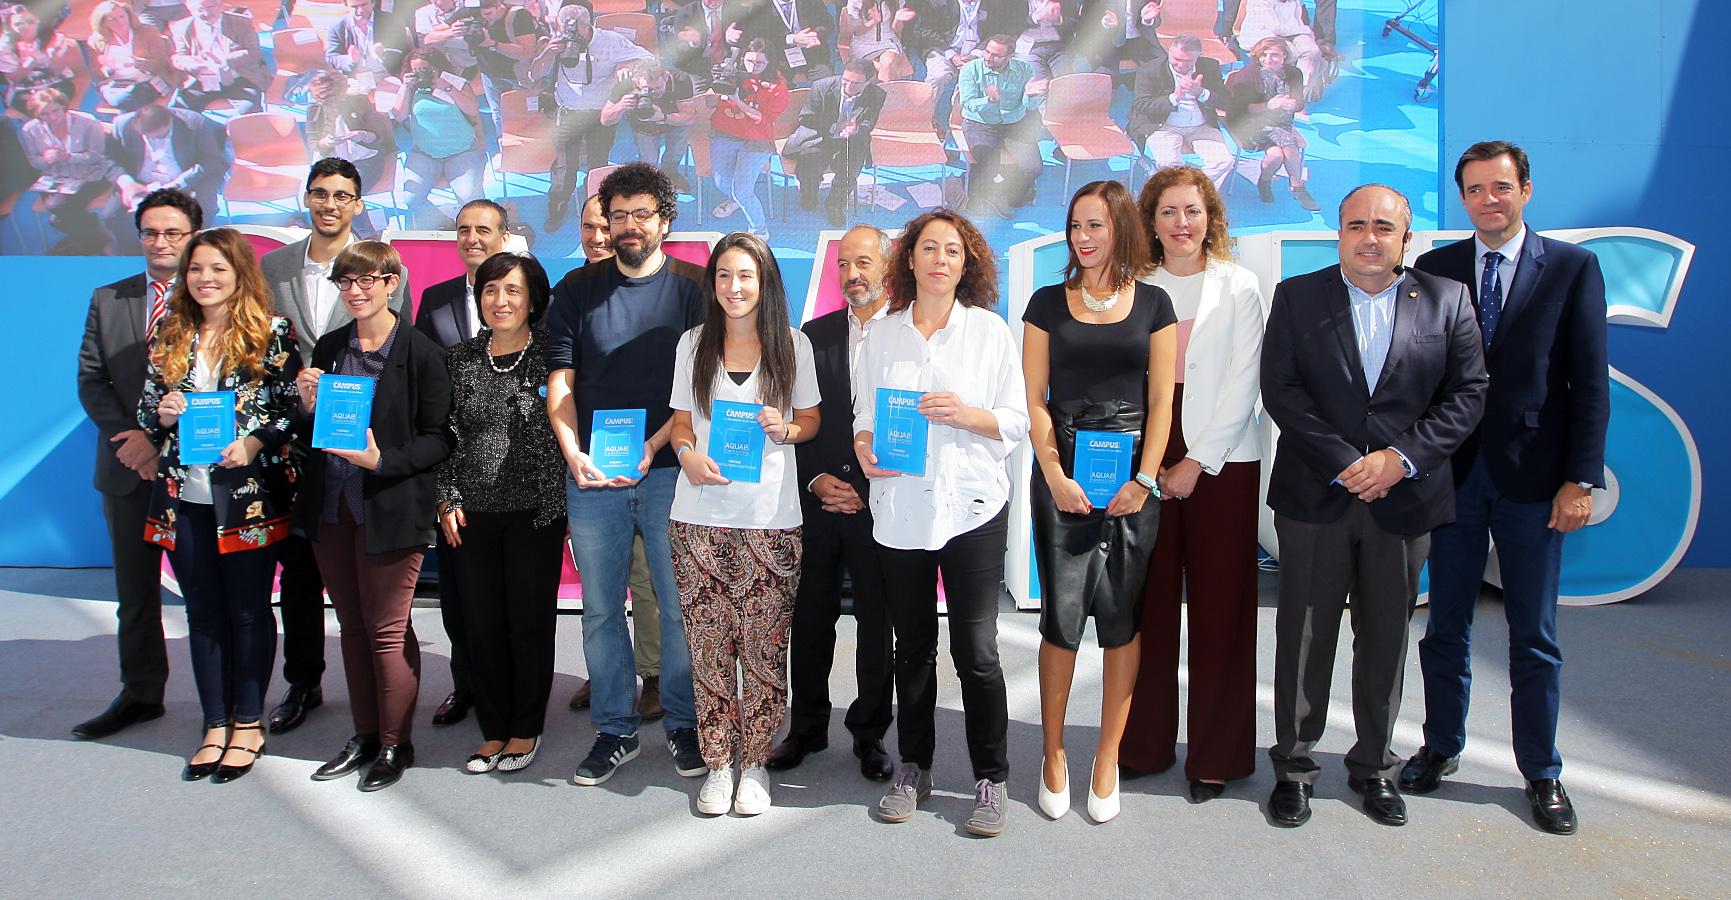 Conocemos a los ganadores de los Premios Aquae Campus 2017